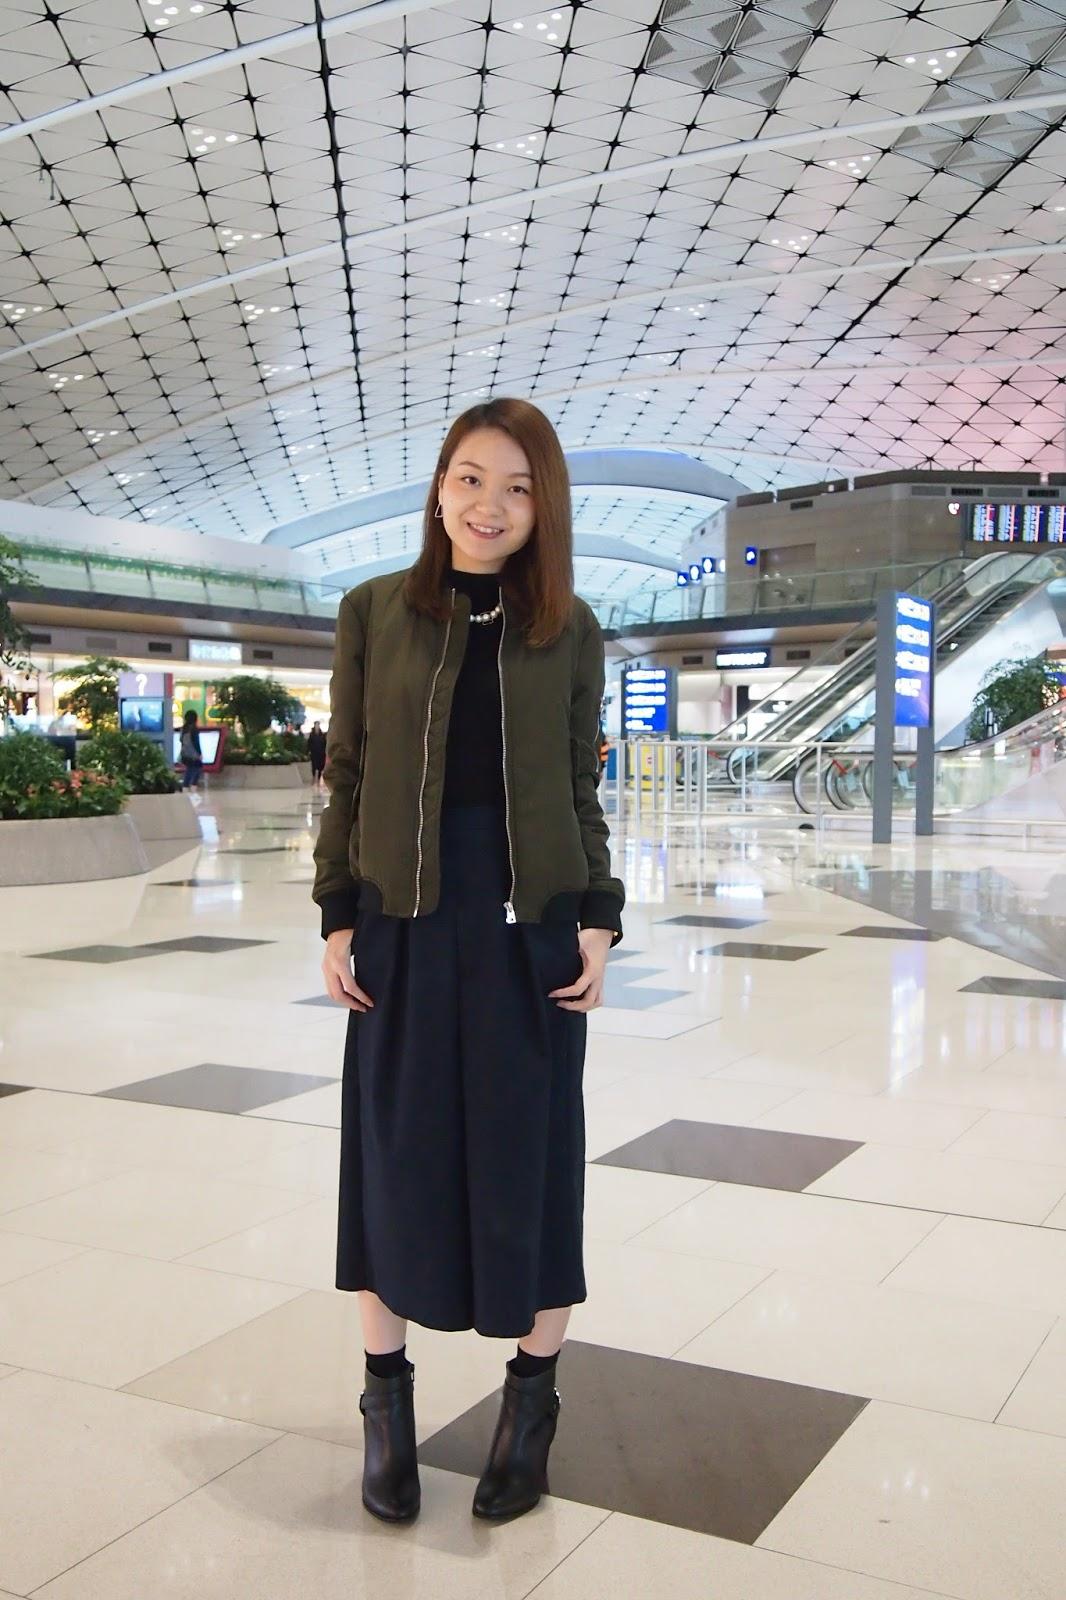 【蝴蝶結姐姐愛時尚】Jipi Japa~短靴 X 時尚OL穿搭造型 | check校對 | GOtrip.hk